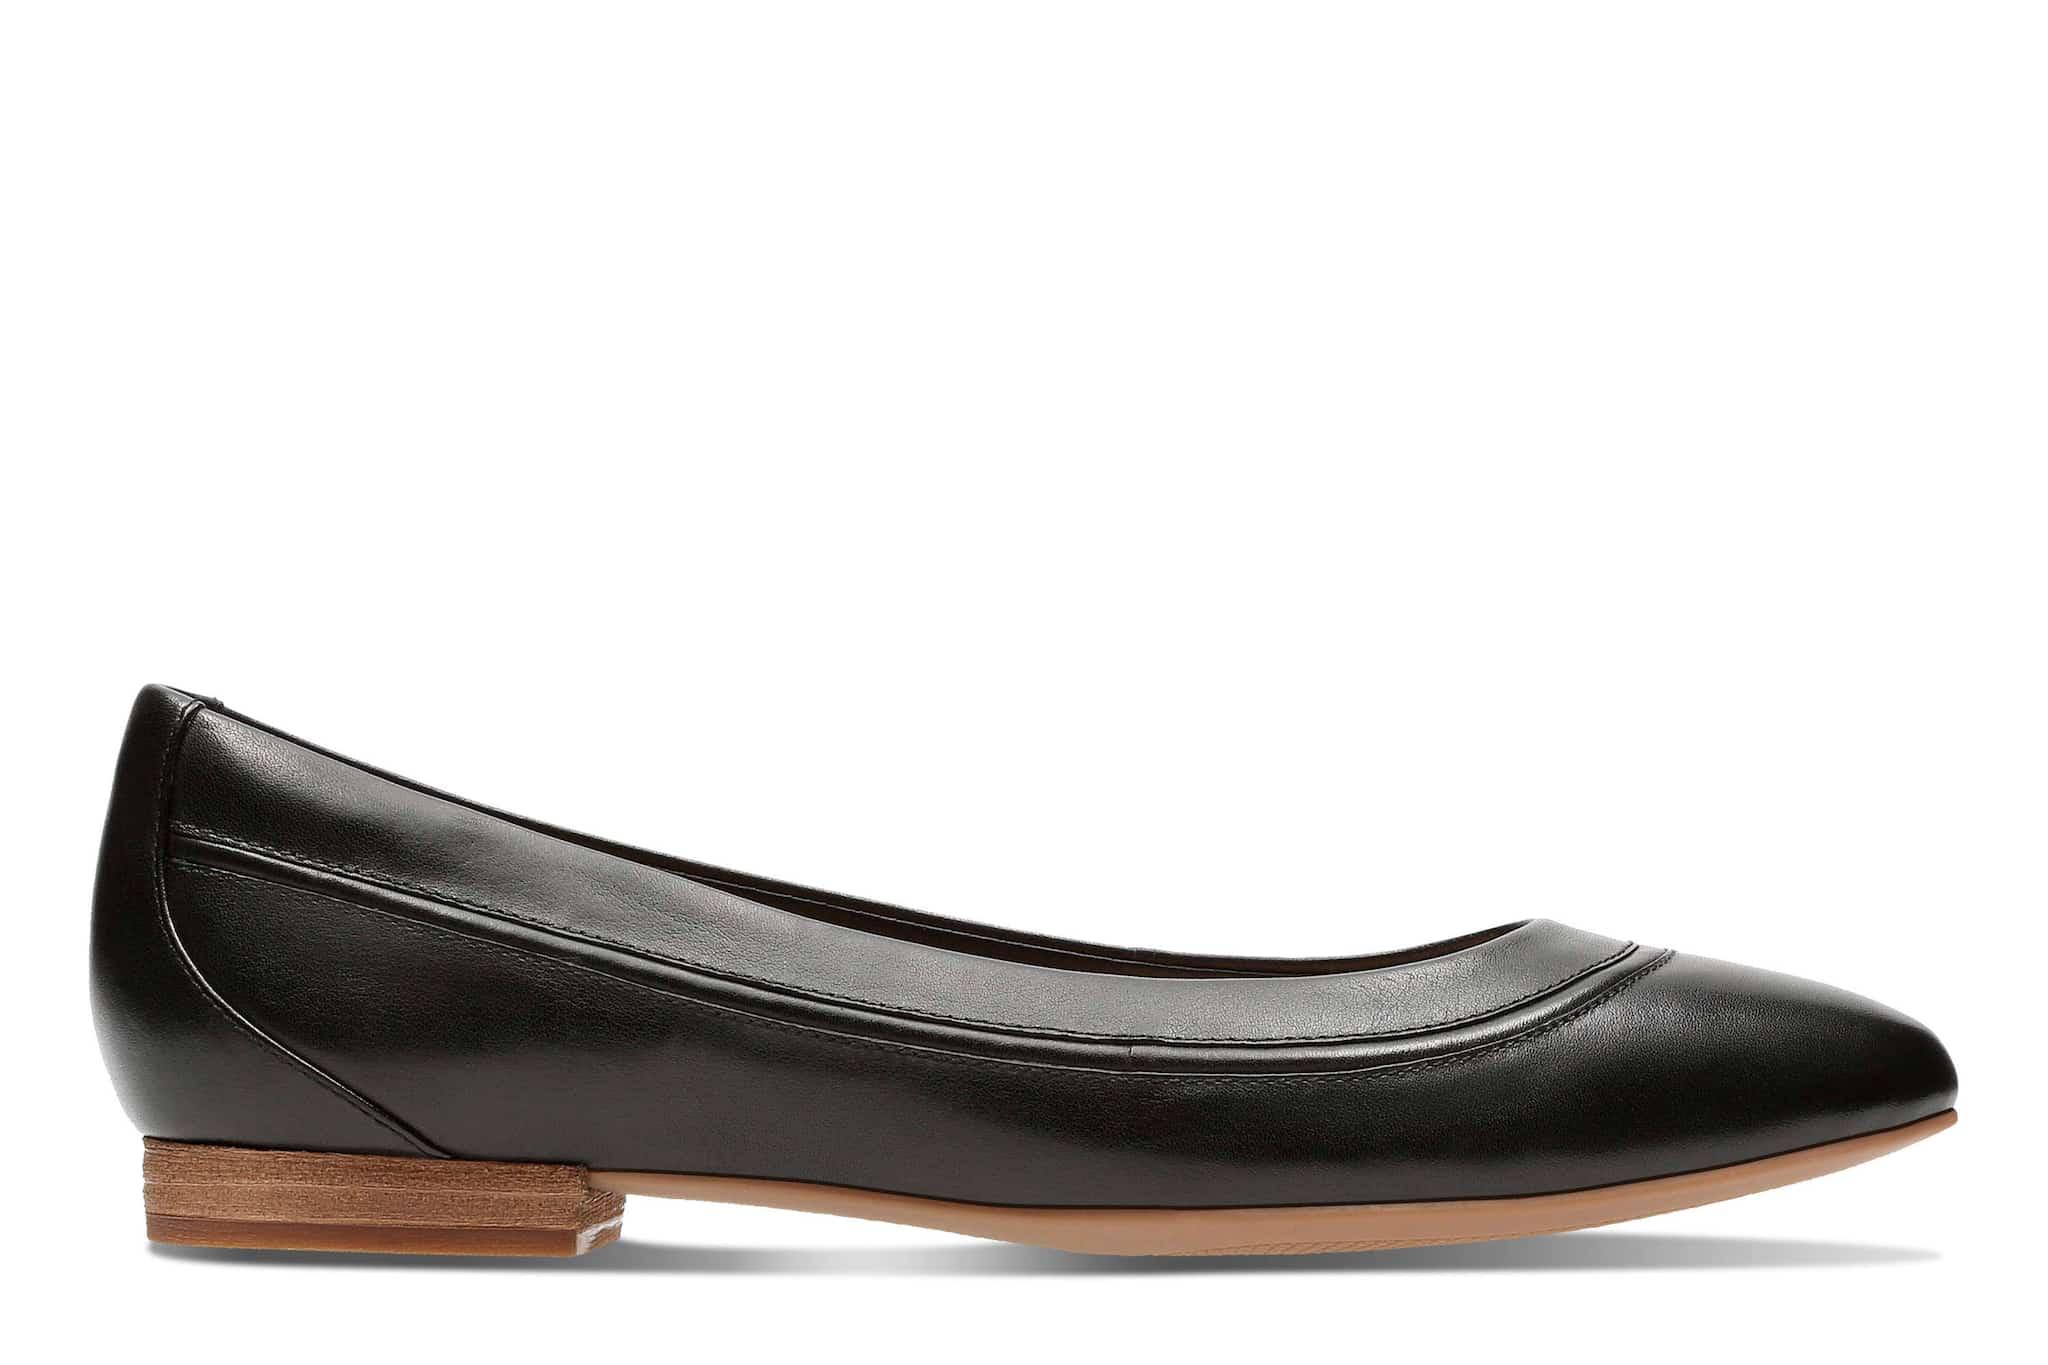 Buy Clarks Loriann Jeni Flats Shoes